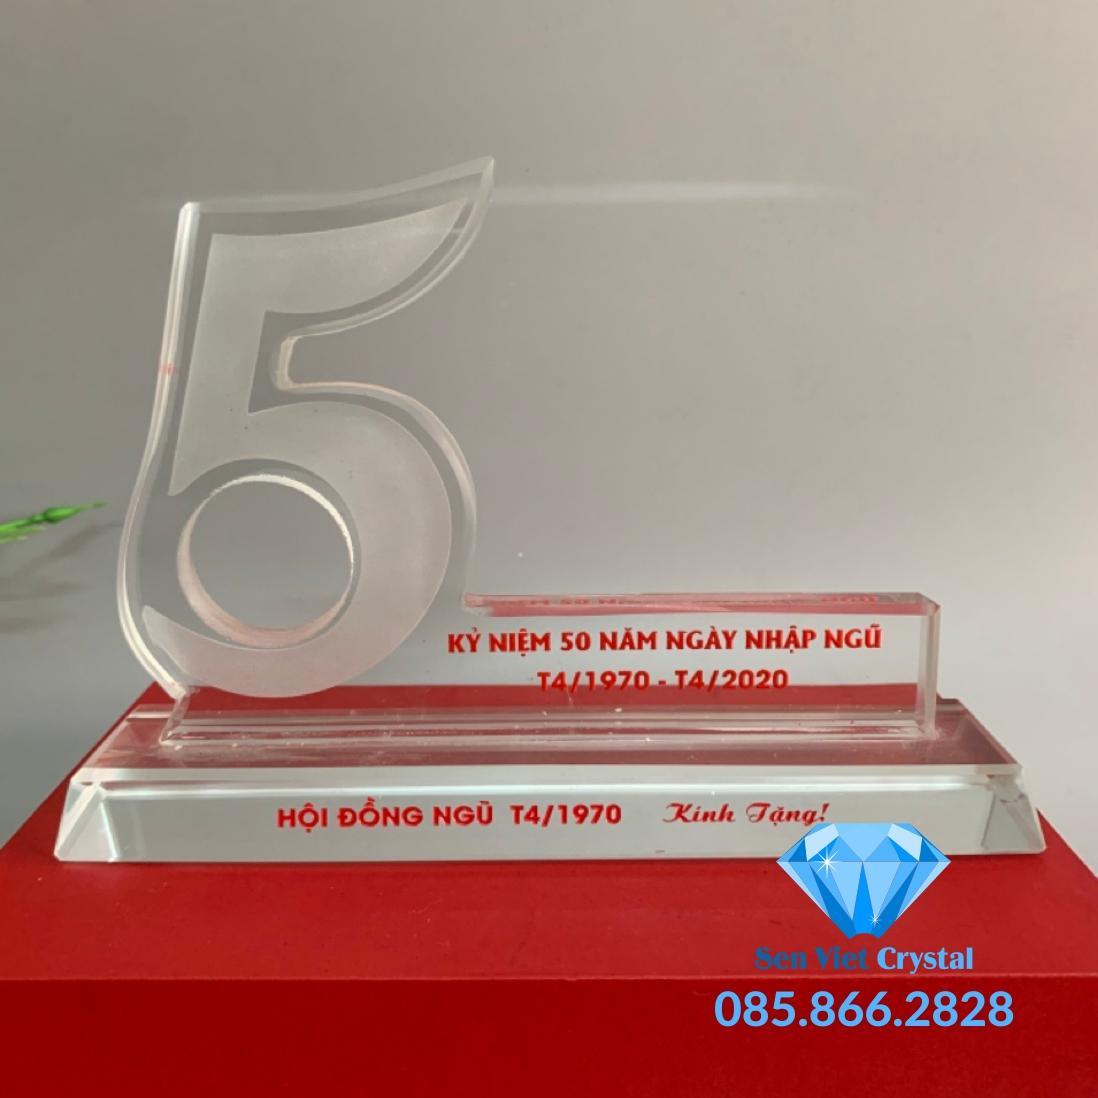 Bộ số kỷ niệm pha lê 5 năm M1